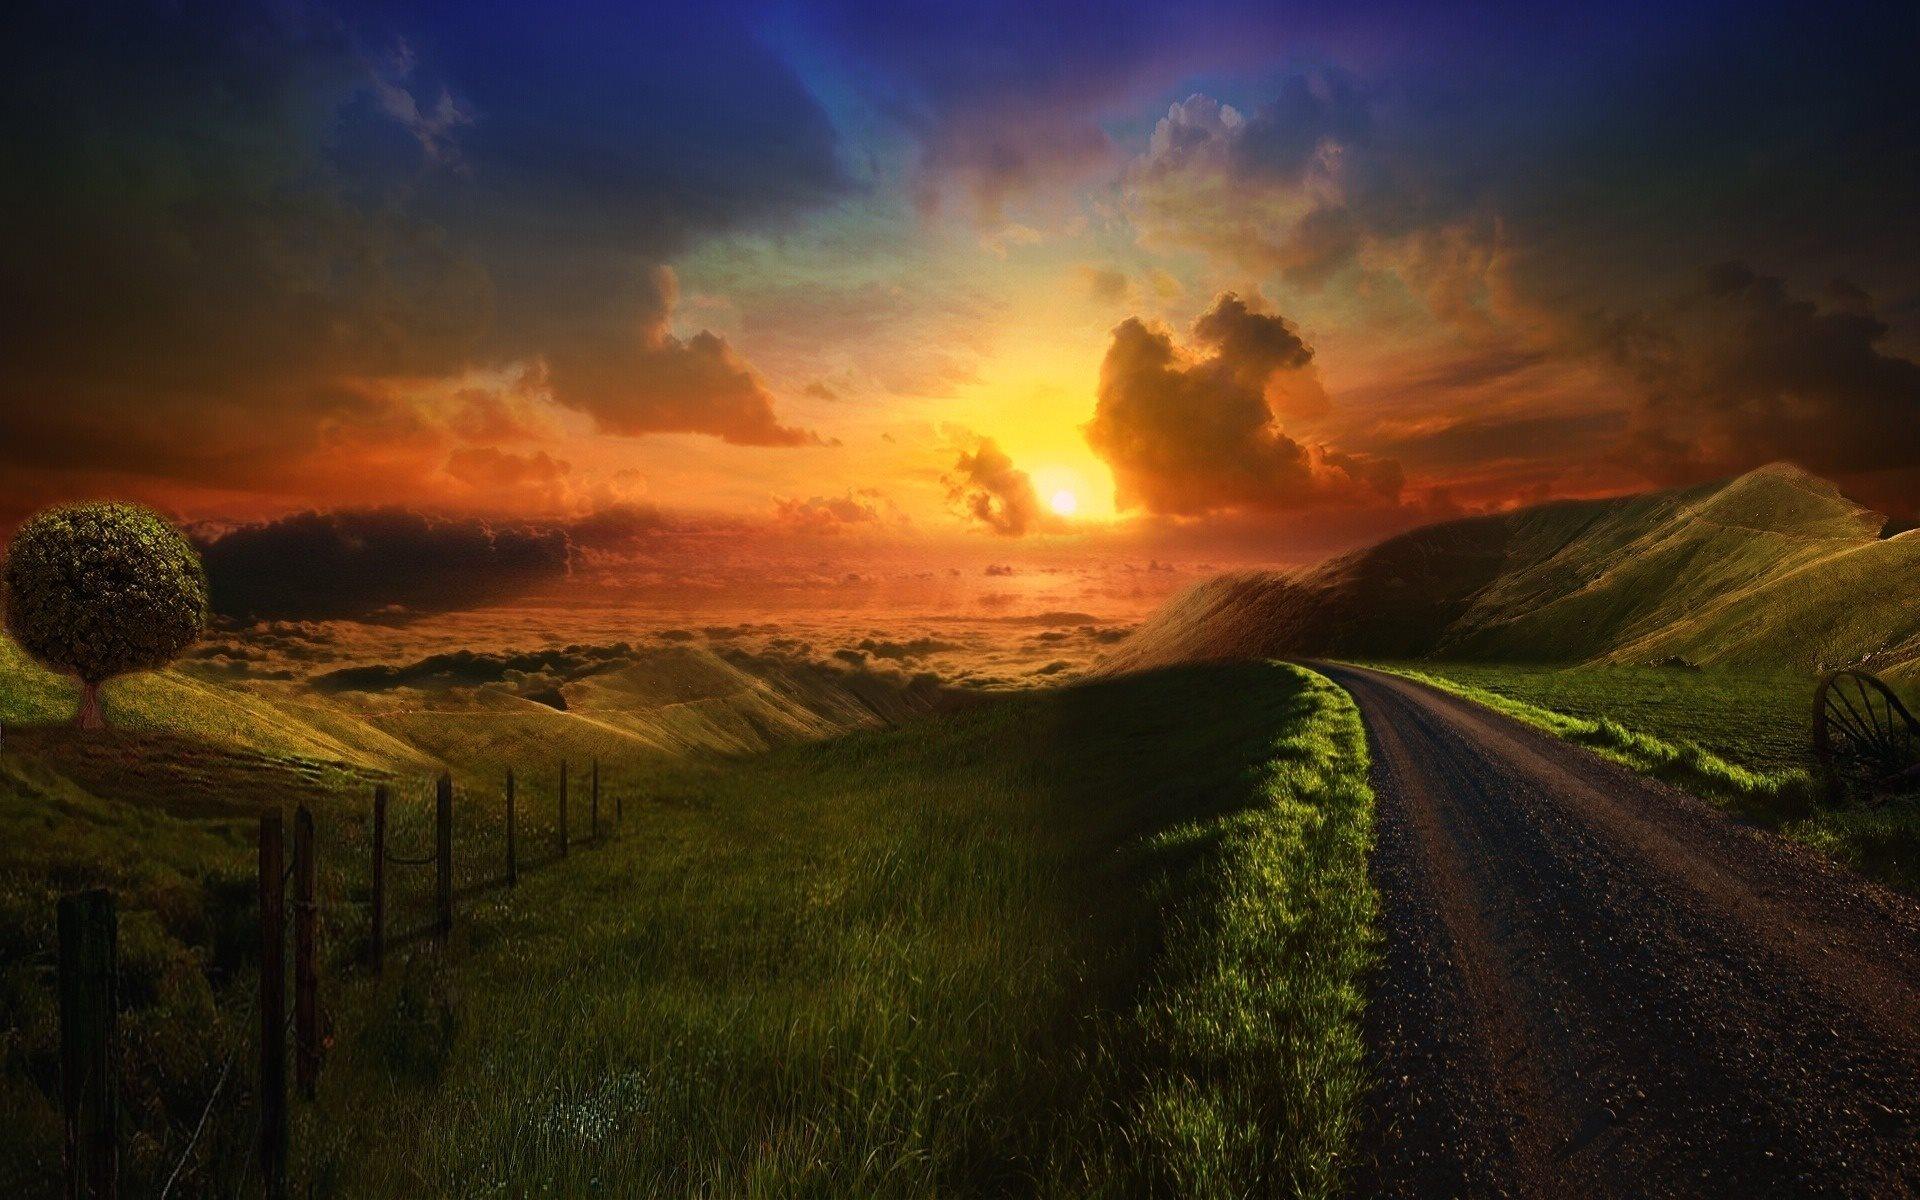 Солнце, рассвет, горы, холмы, дорога бесплатно